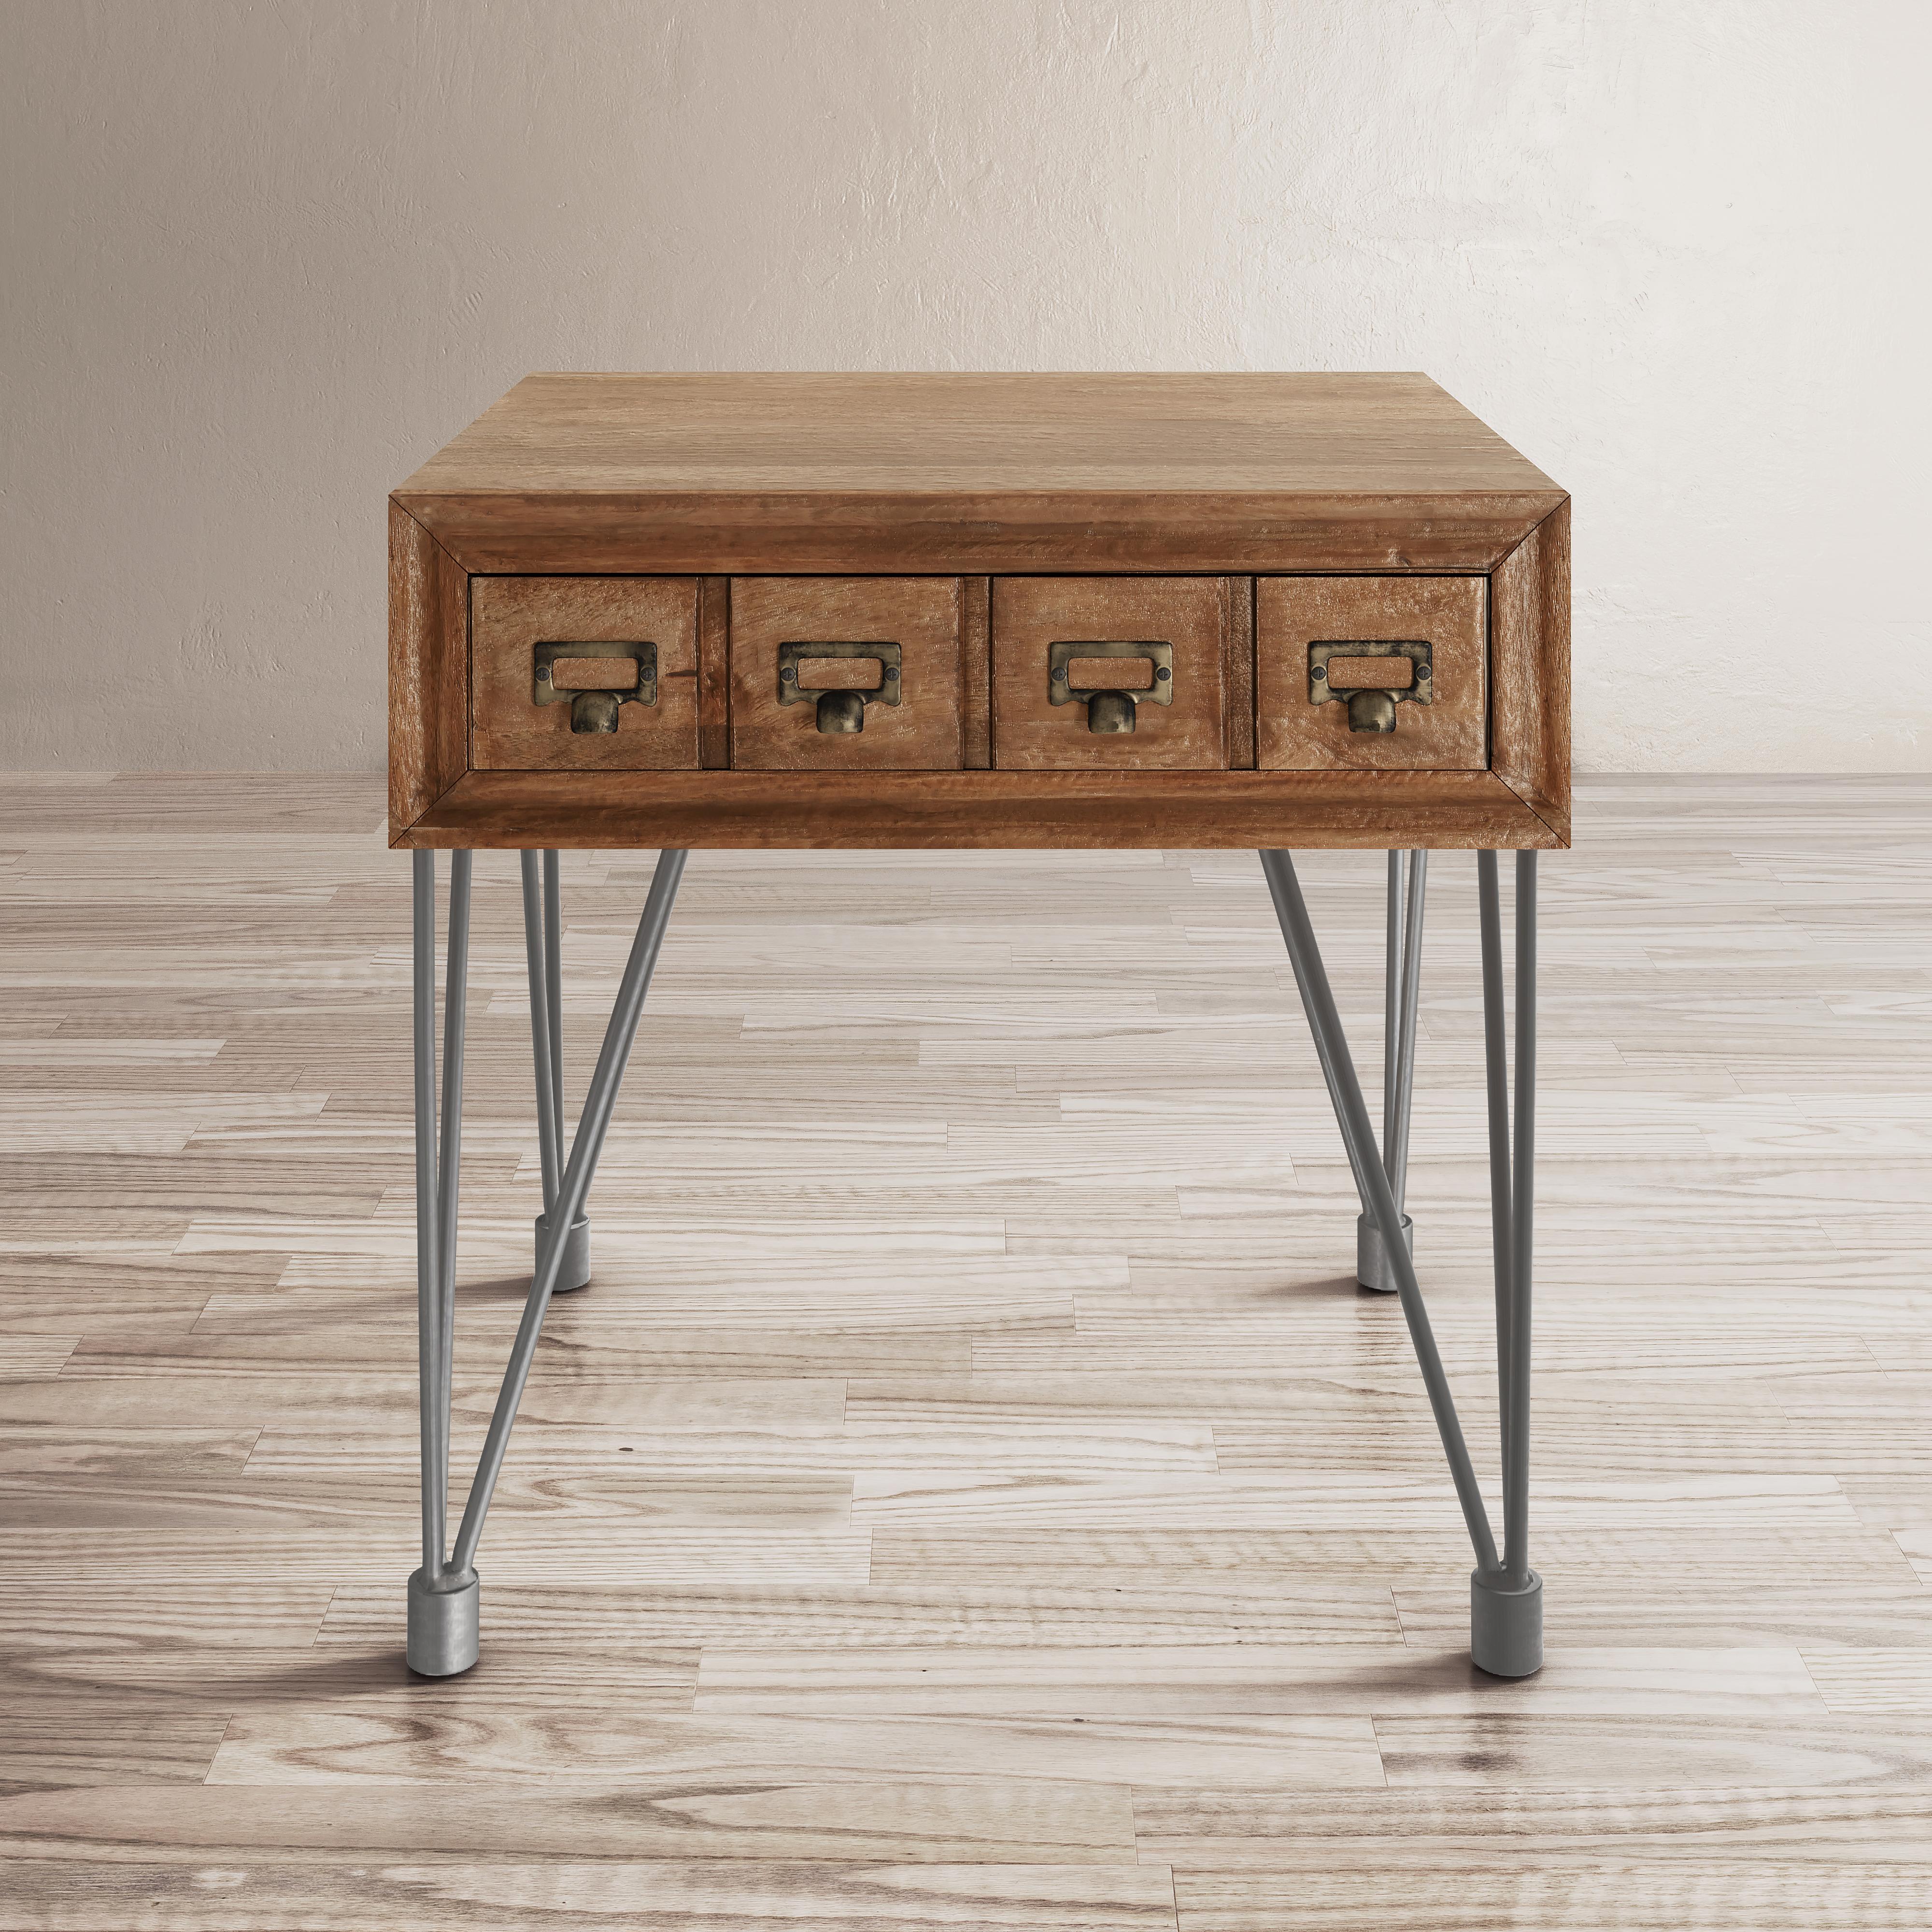 American Vintage End Table by Jofran at Jofran